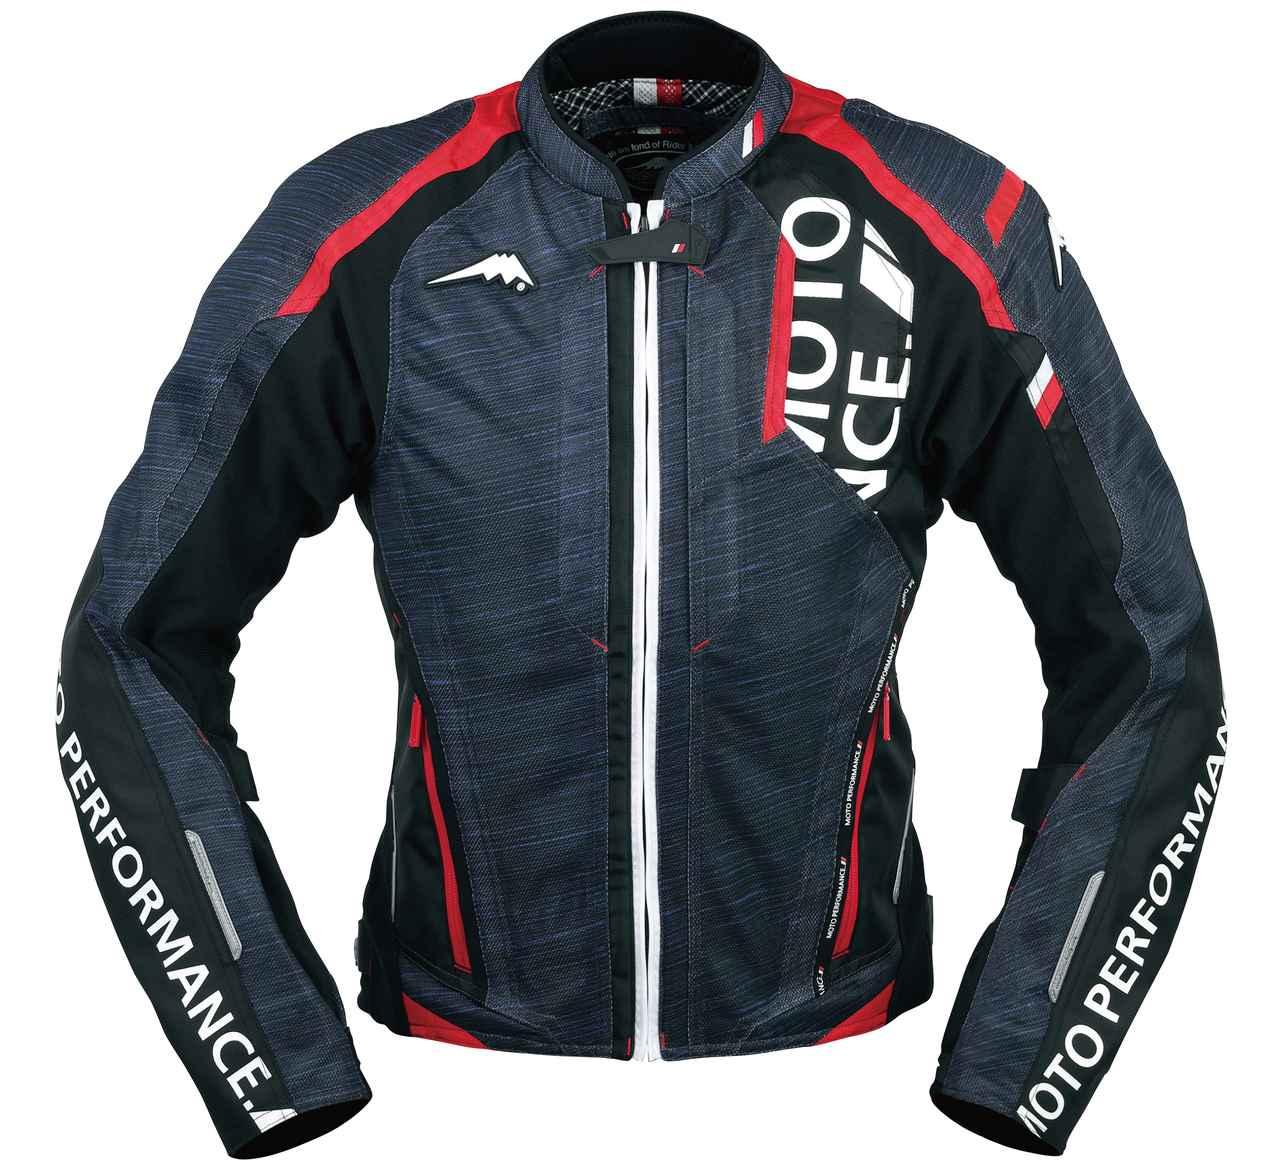 画像5: 「スラブ柄」により高級感をアップ! クシタニの新作メッシュジャケット